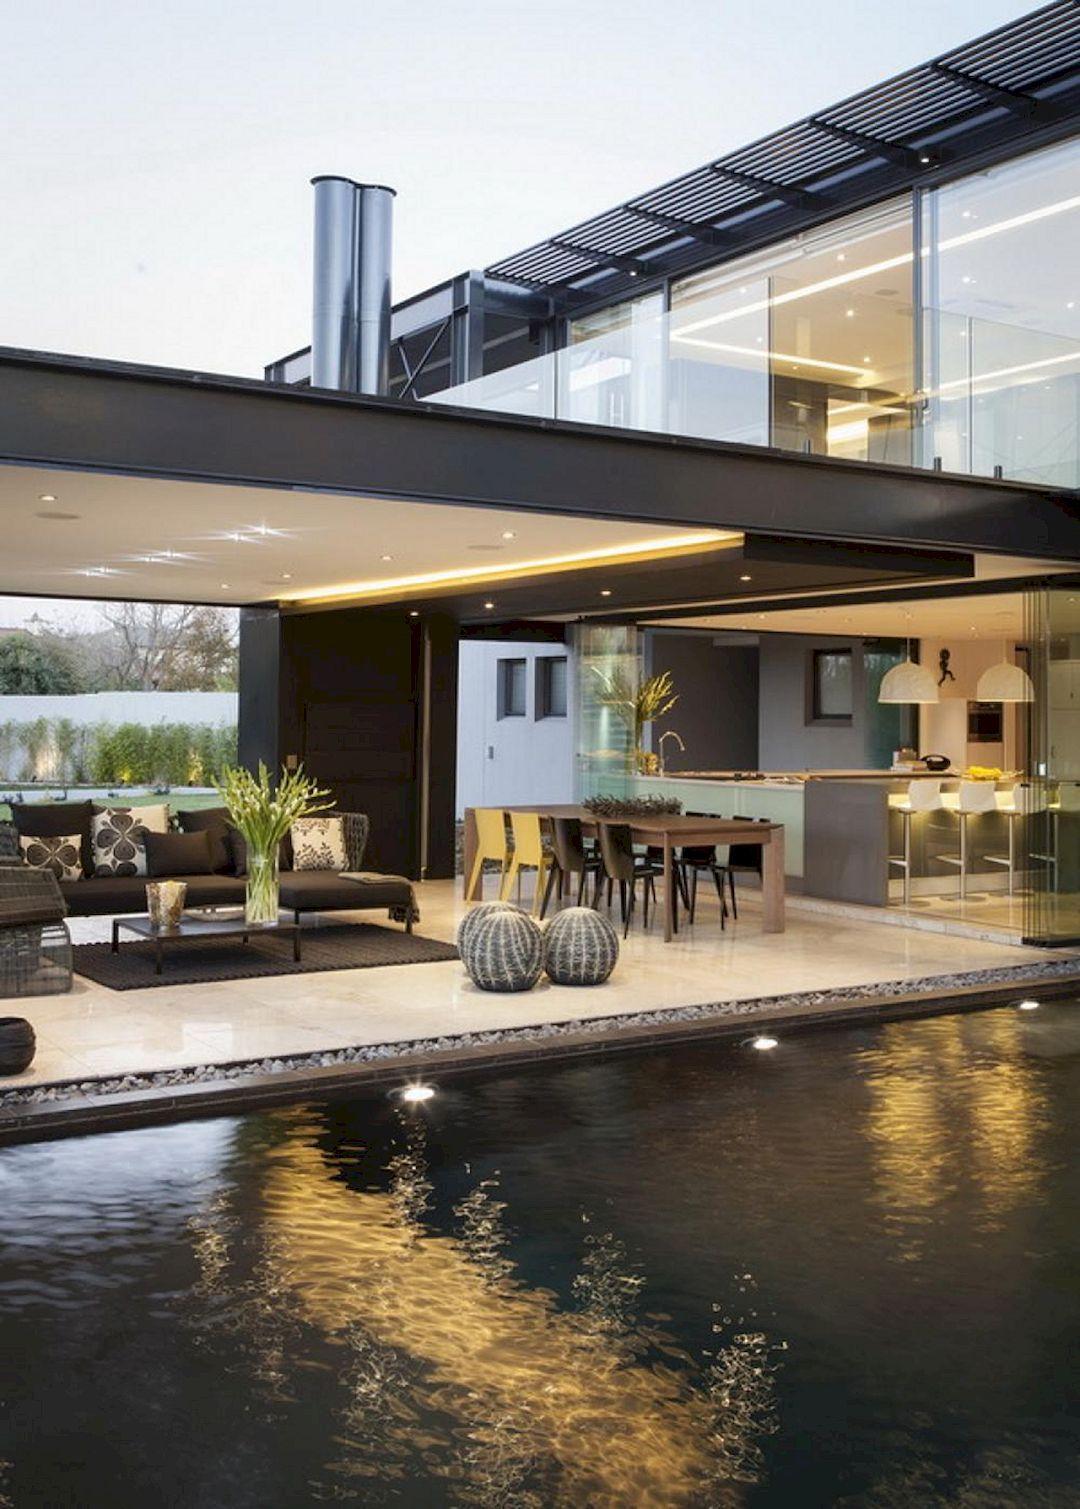 House With Orange Taste Modern Interior Design With Orange Taste In A Comfortable House Modern House Design Architecture House Architecture